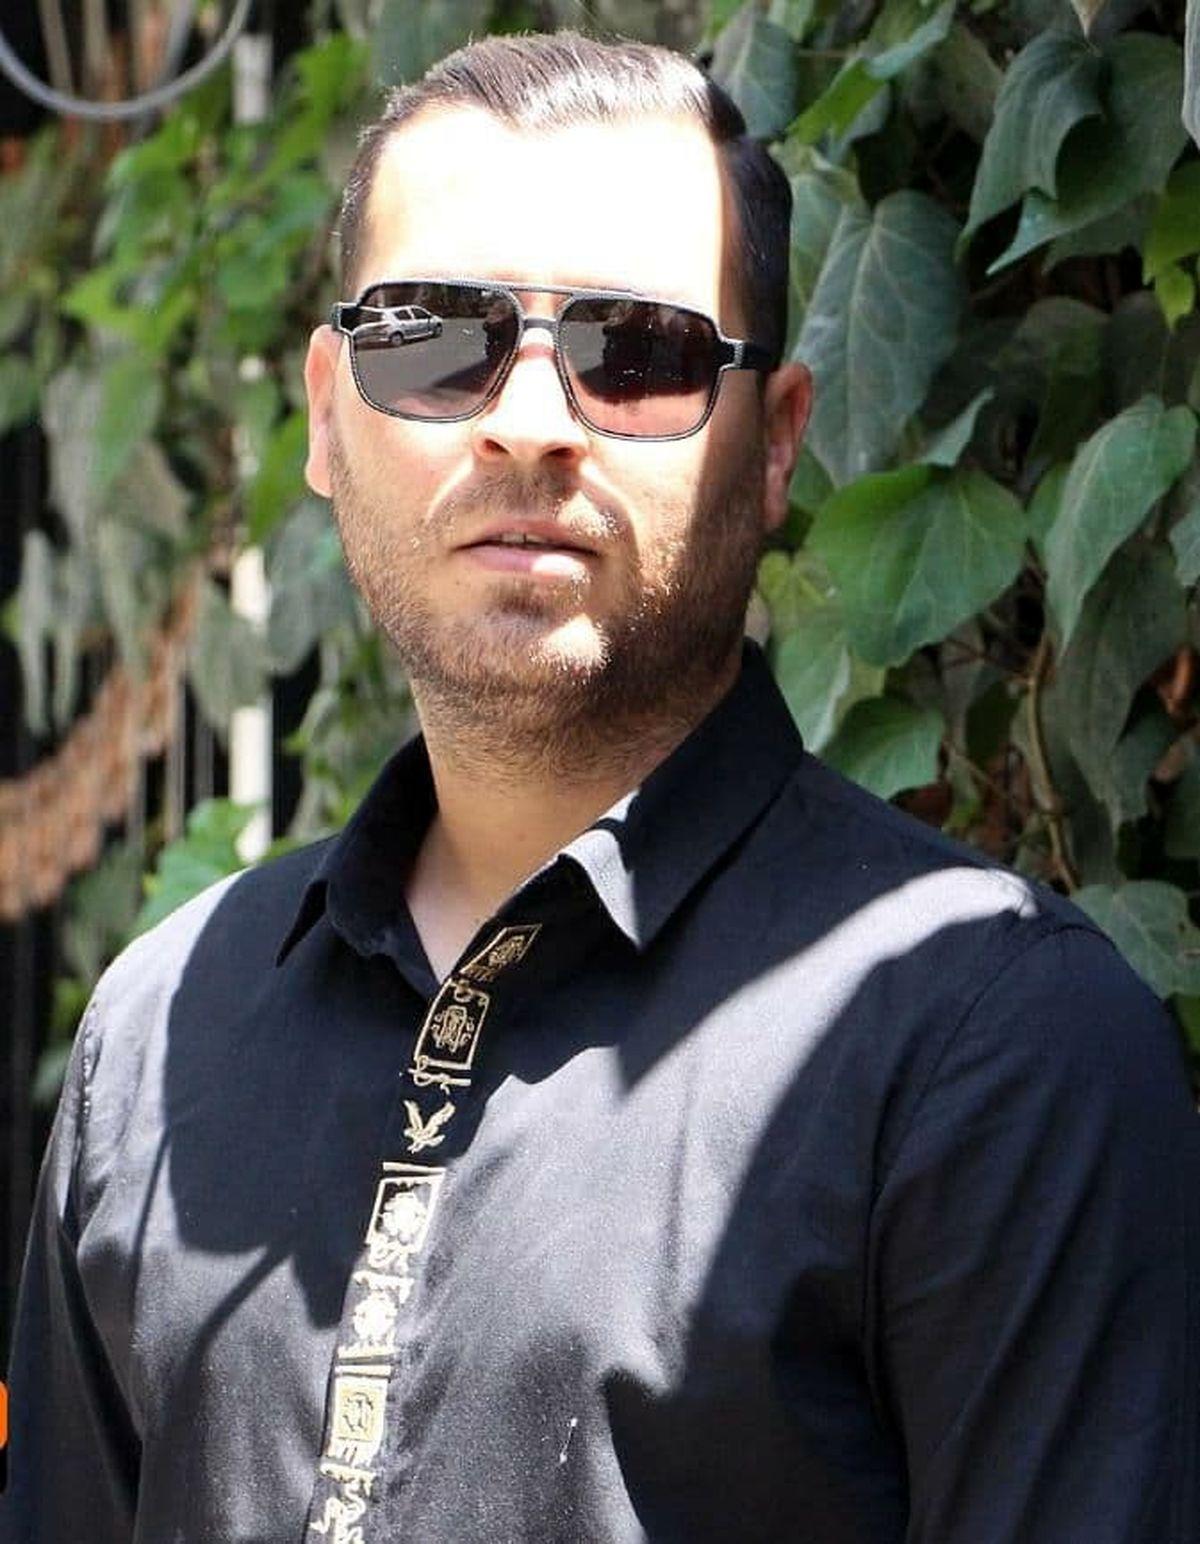 شوقی : دست مالک خیبر خرم آباد را می بوسیم/شکوفایی استعداد ها هدف باشگاه اسپاد است